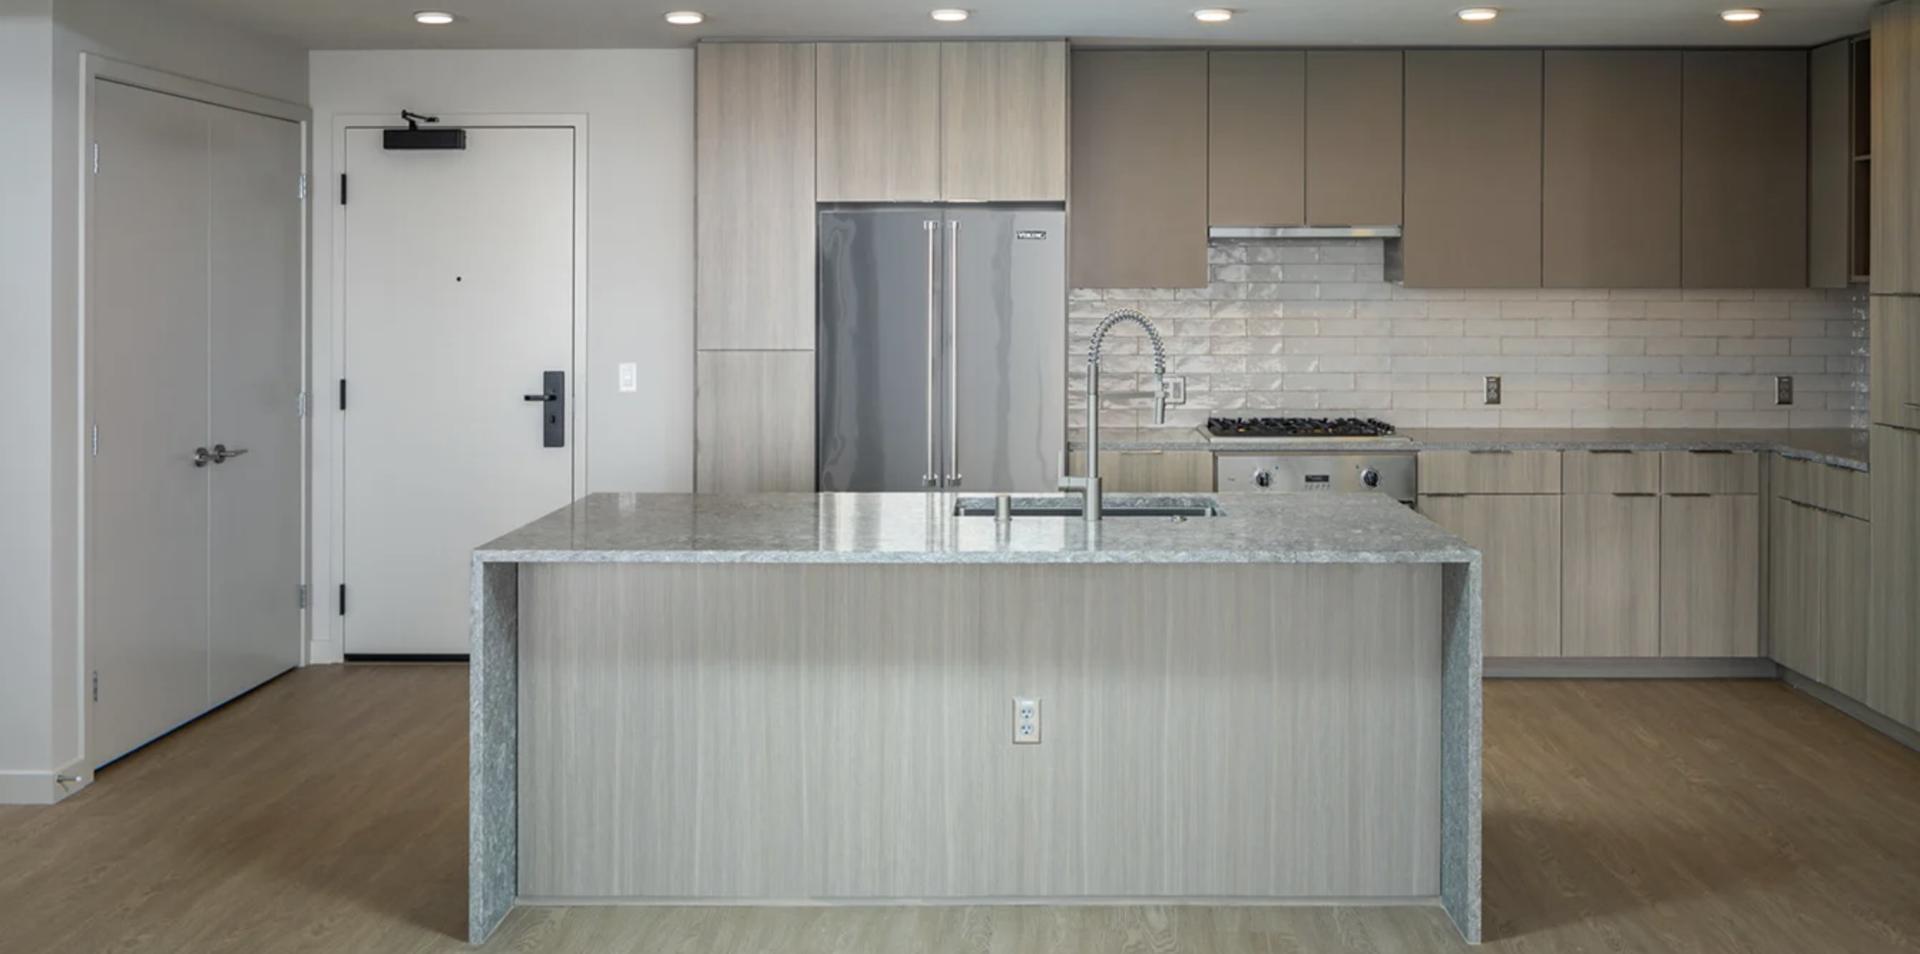 601 11th Avenue #605, San Diego, CA - $4,645 USD/ month